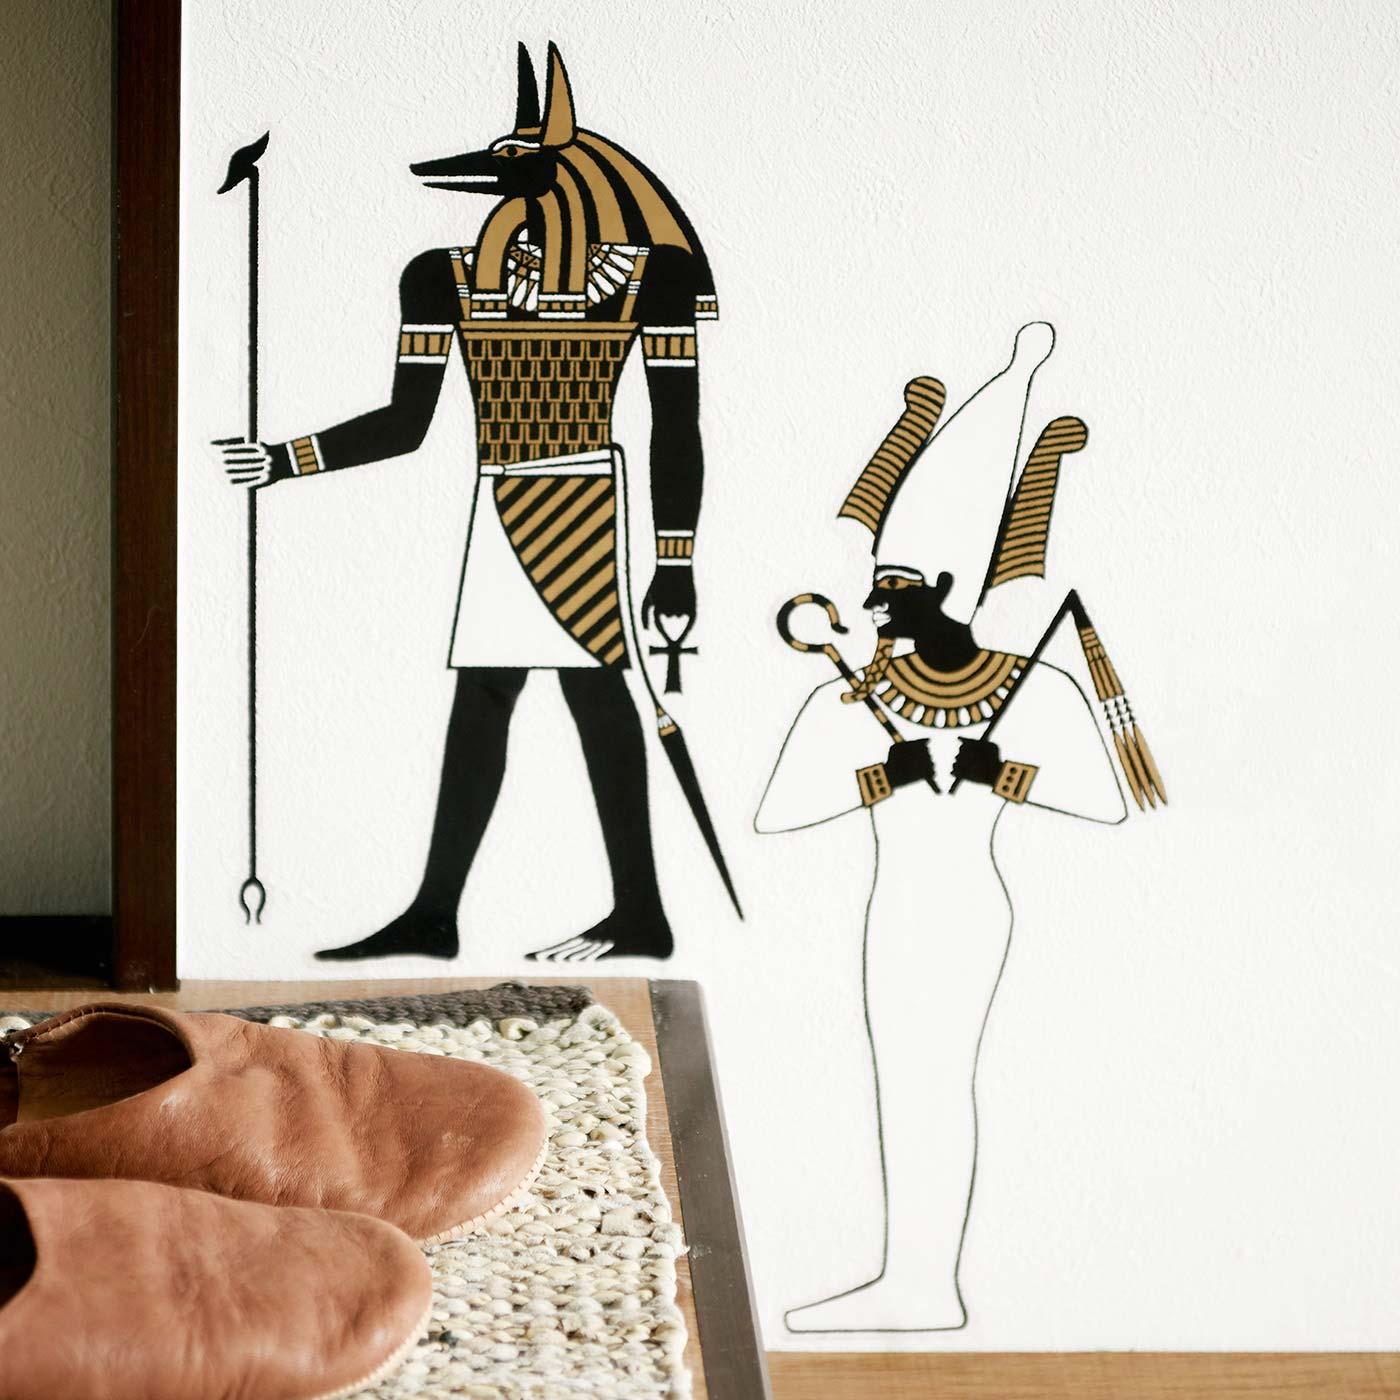 玄関にはアヌビス神とオシリス神を。ゴールドと黒の配色が部屋になじみます。